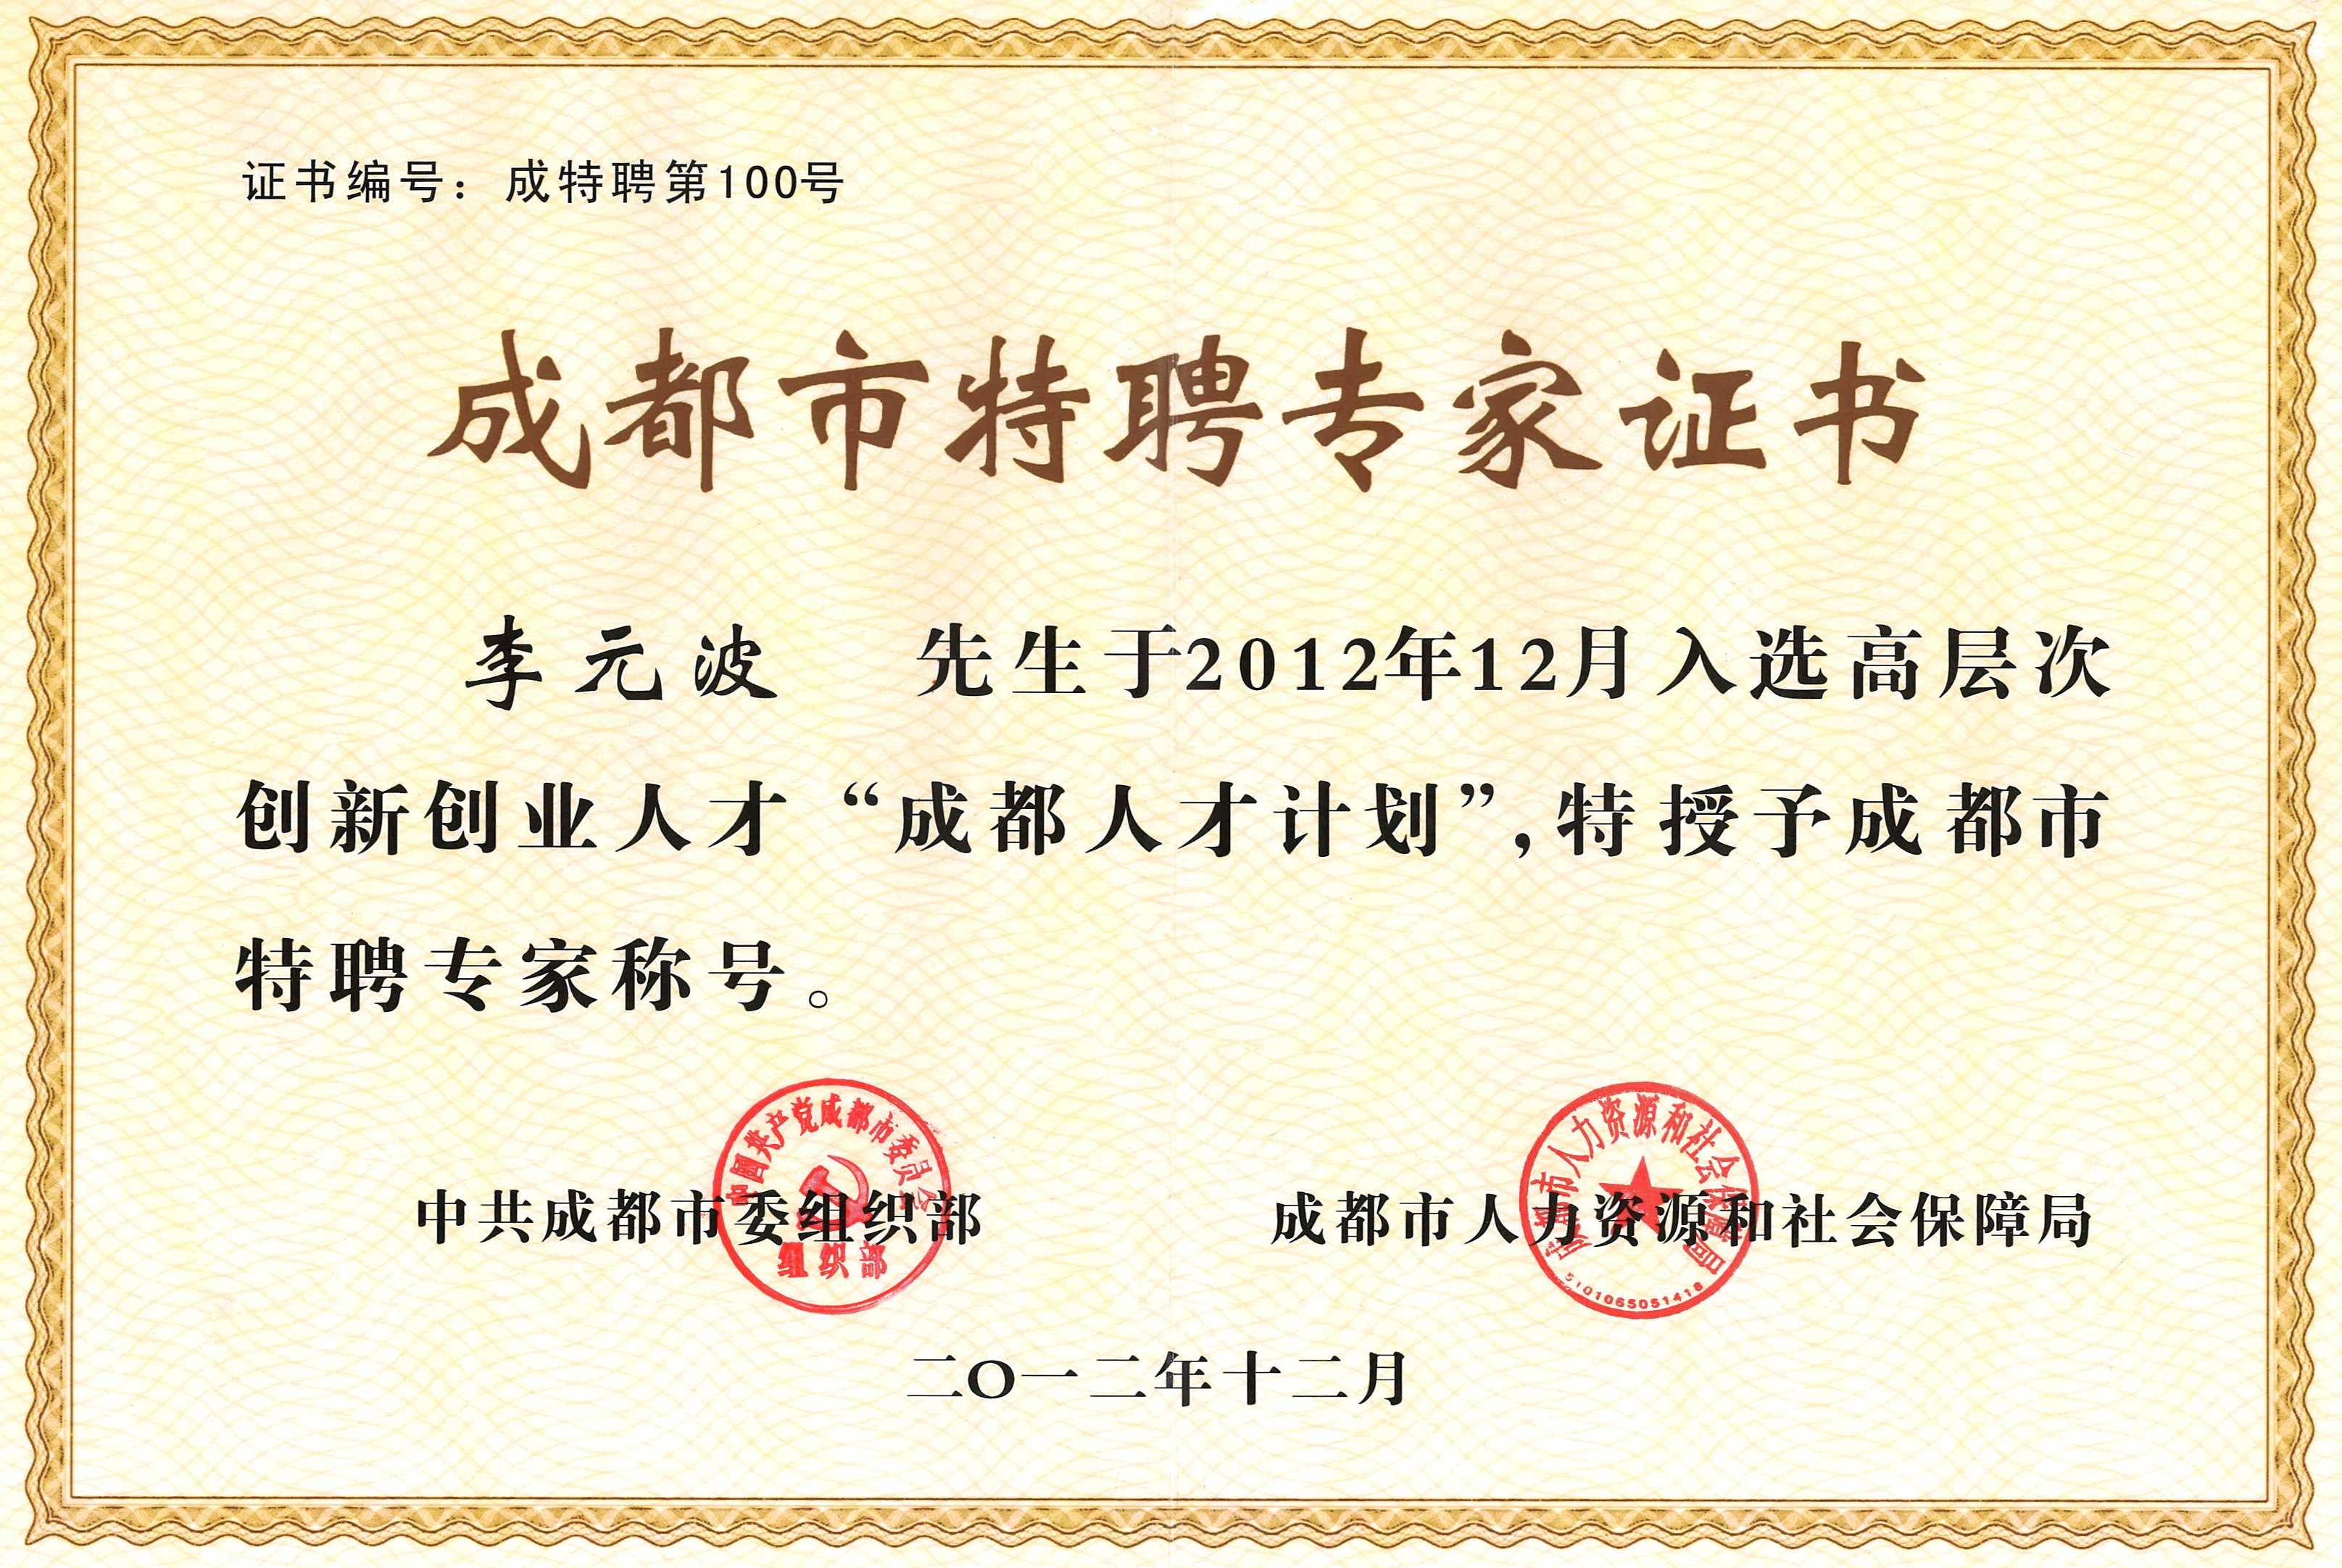 諾和晟泰-李元波-成都人才計劃特聘專家